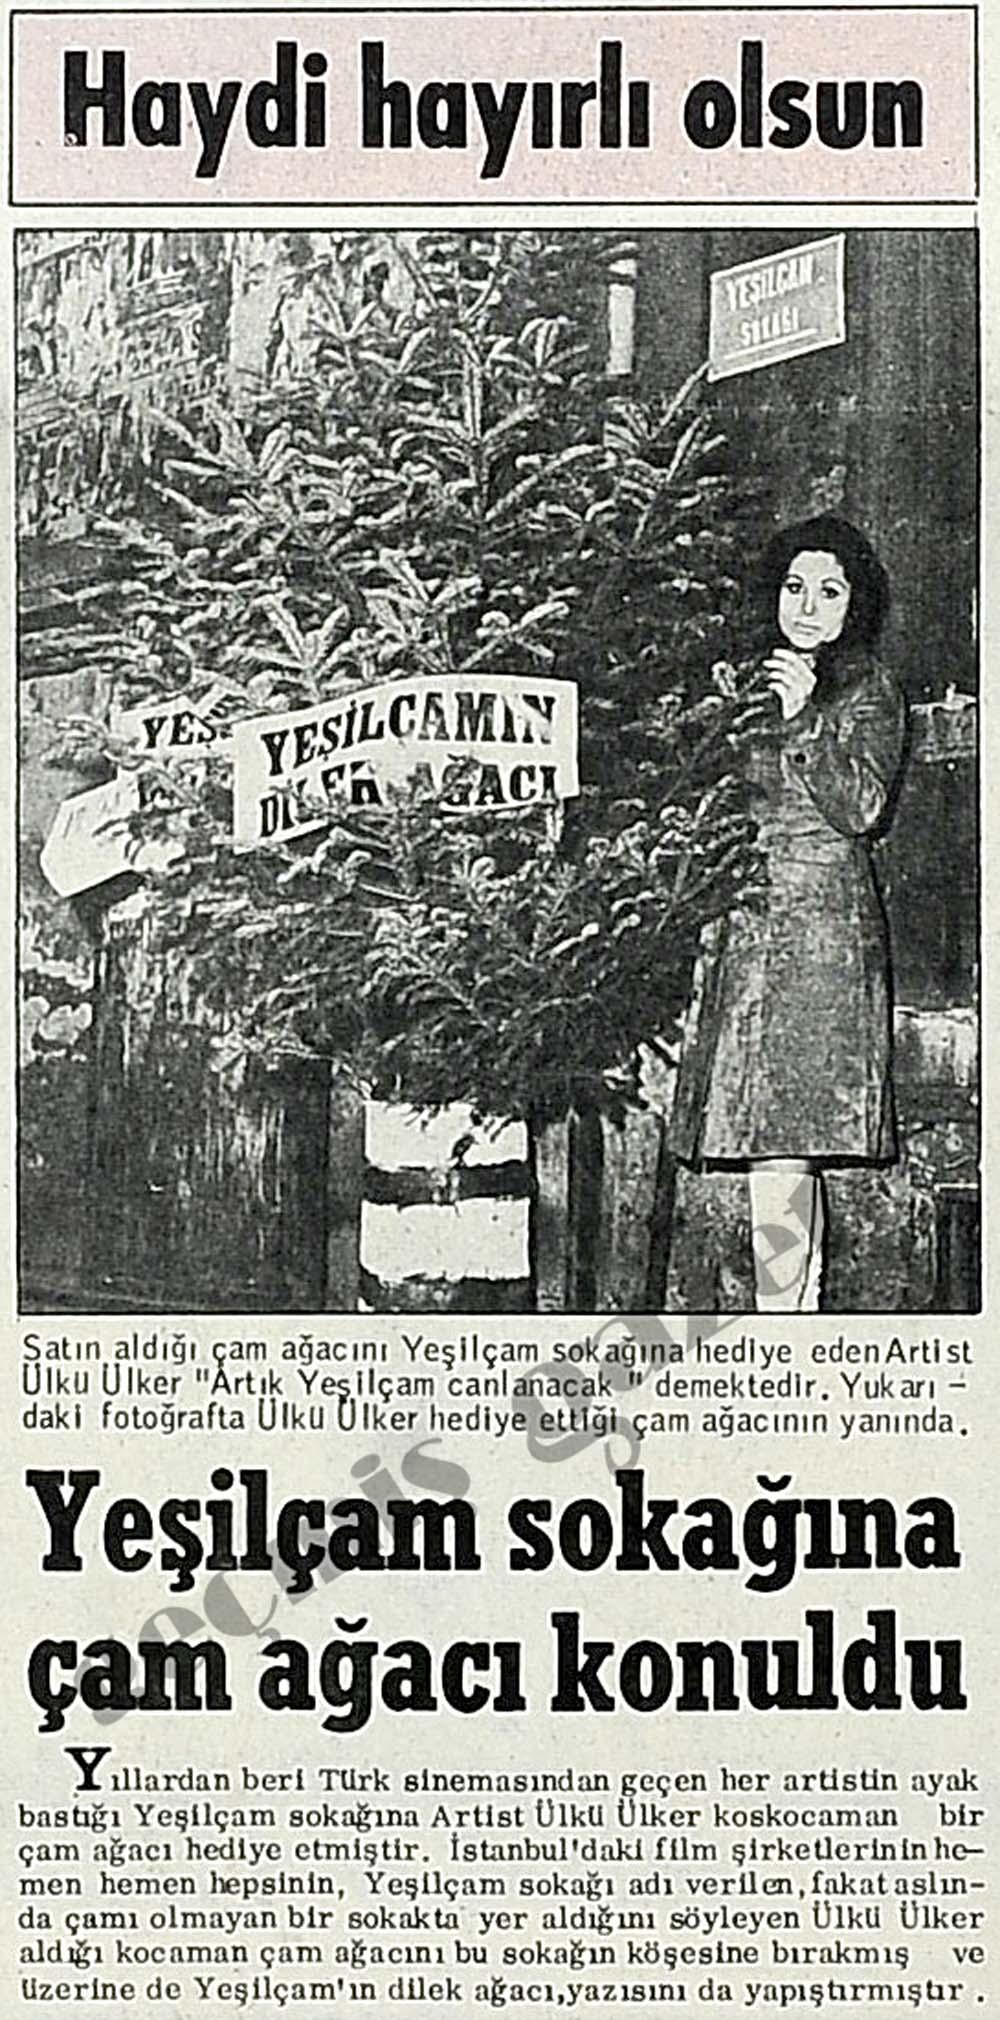 Yeşilçam'a çam ağacı